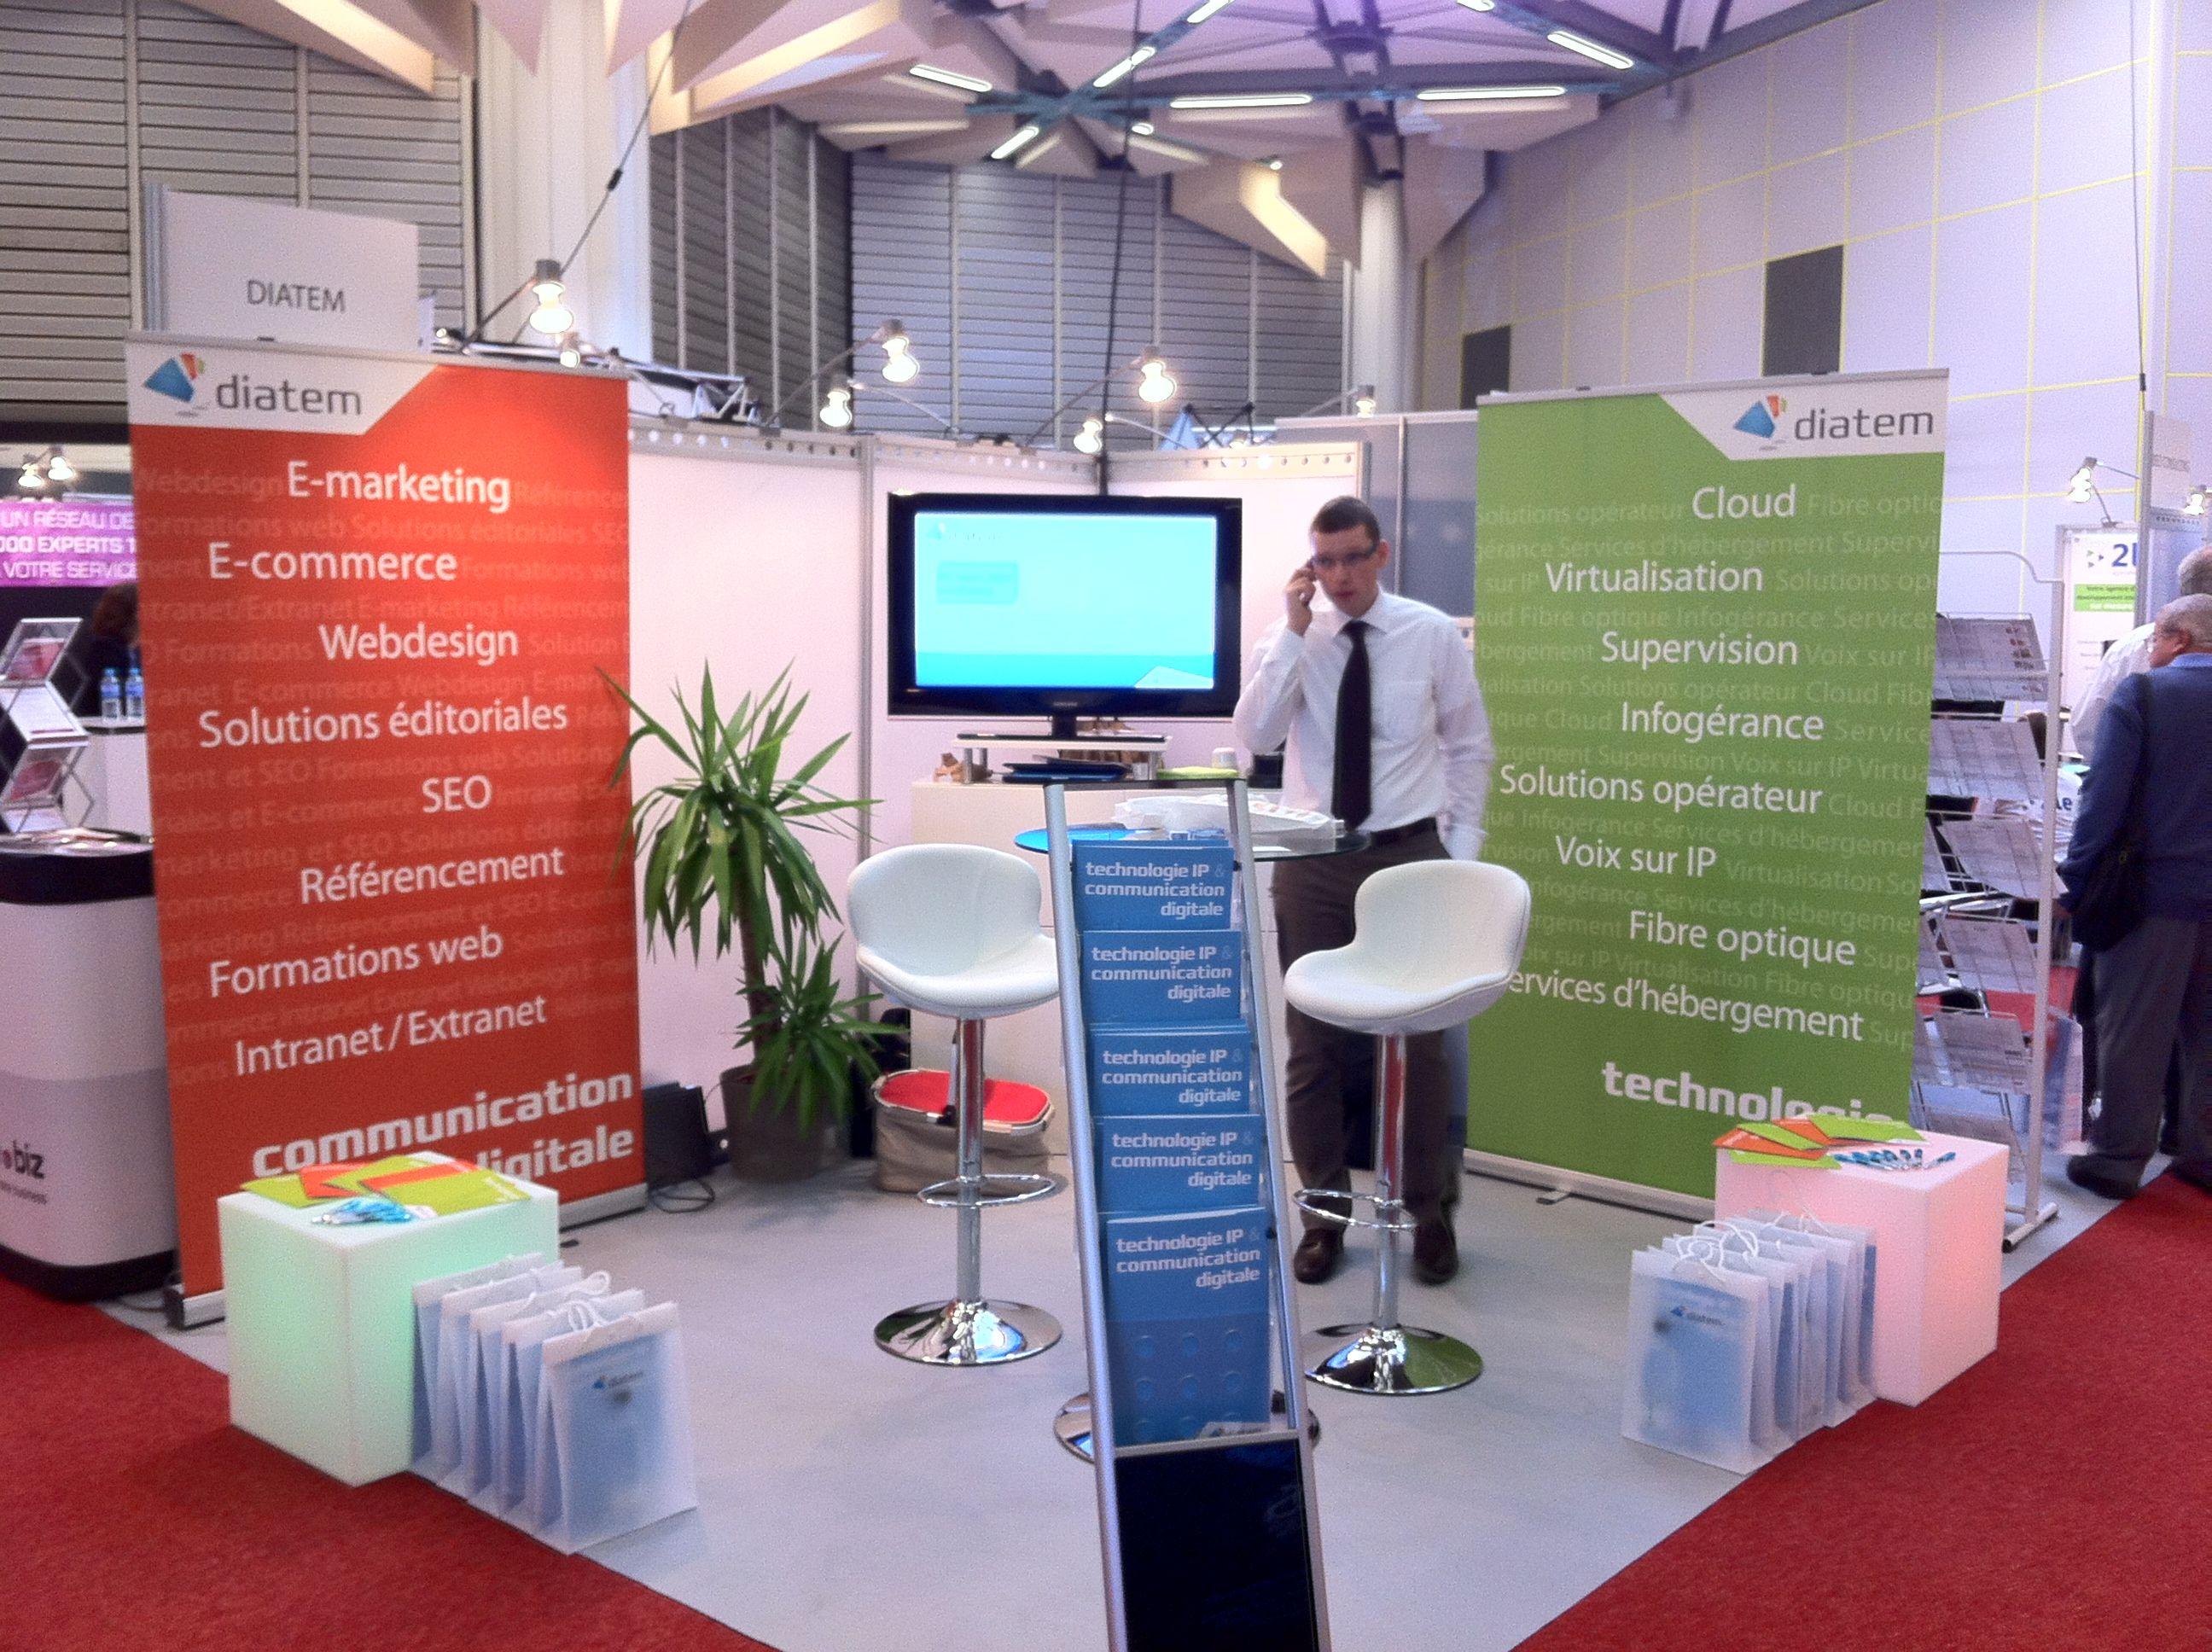 Salon Alsace IT Days - Les rendez-vous du numérique - Strasbourg - oct. 2012